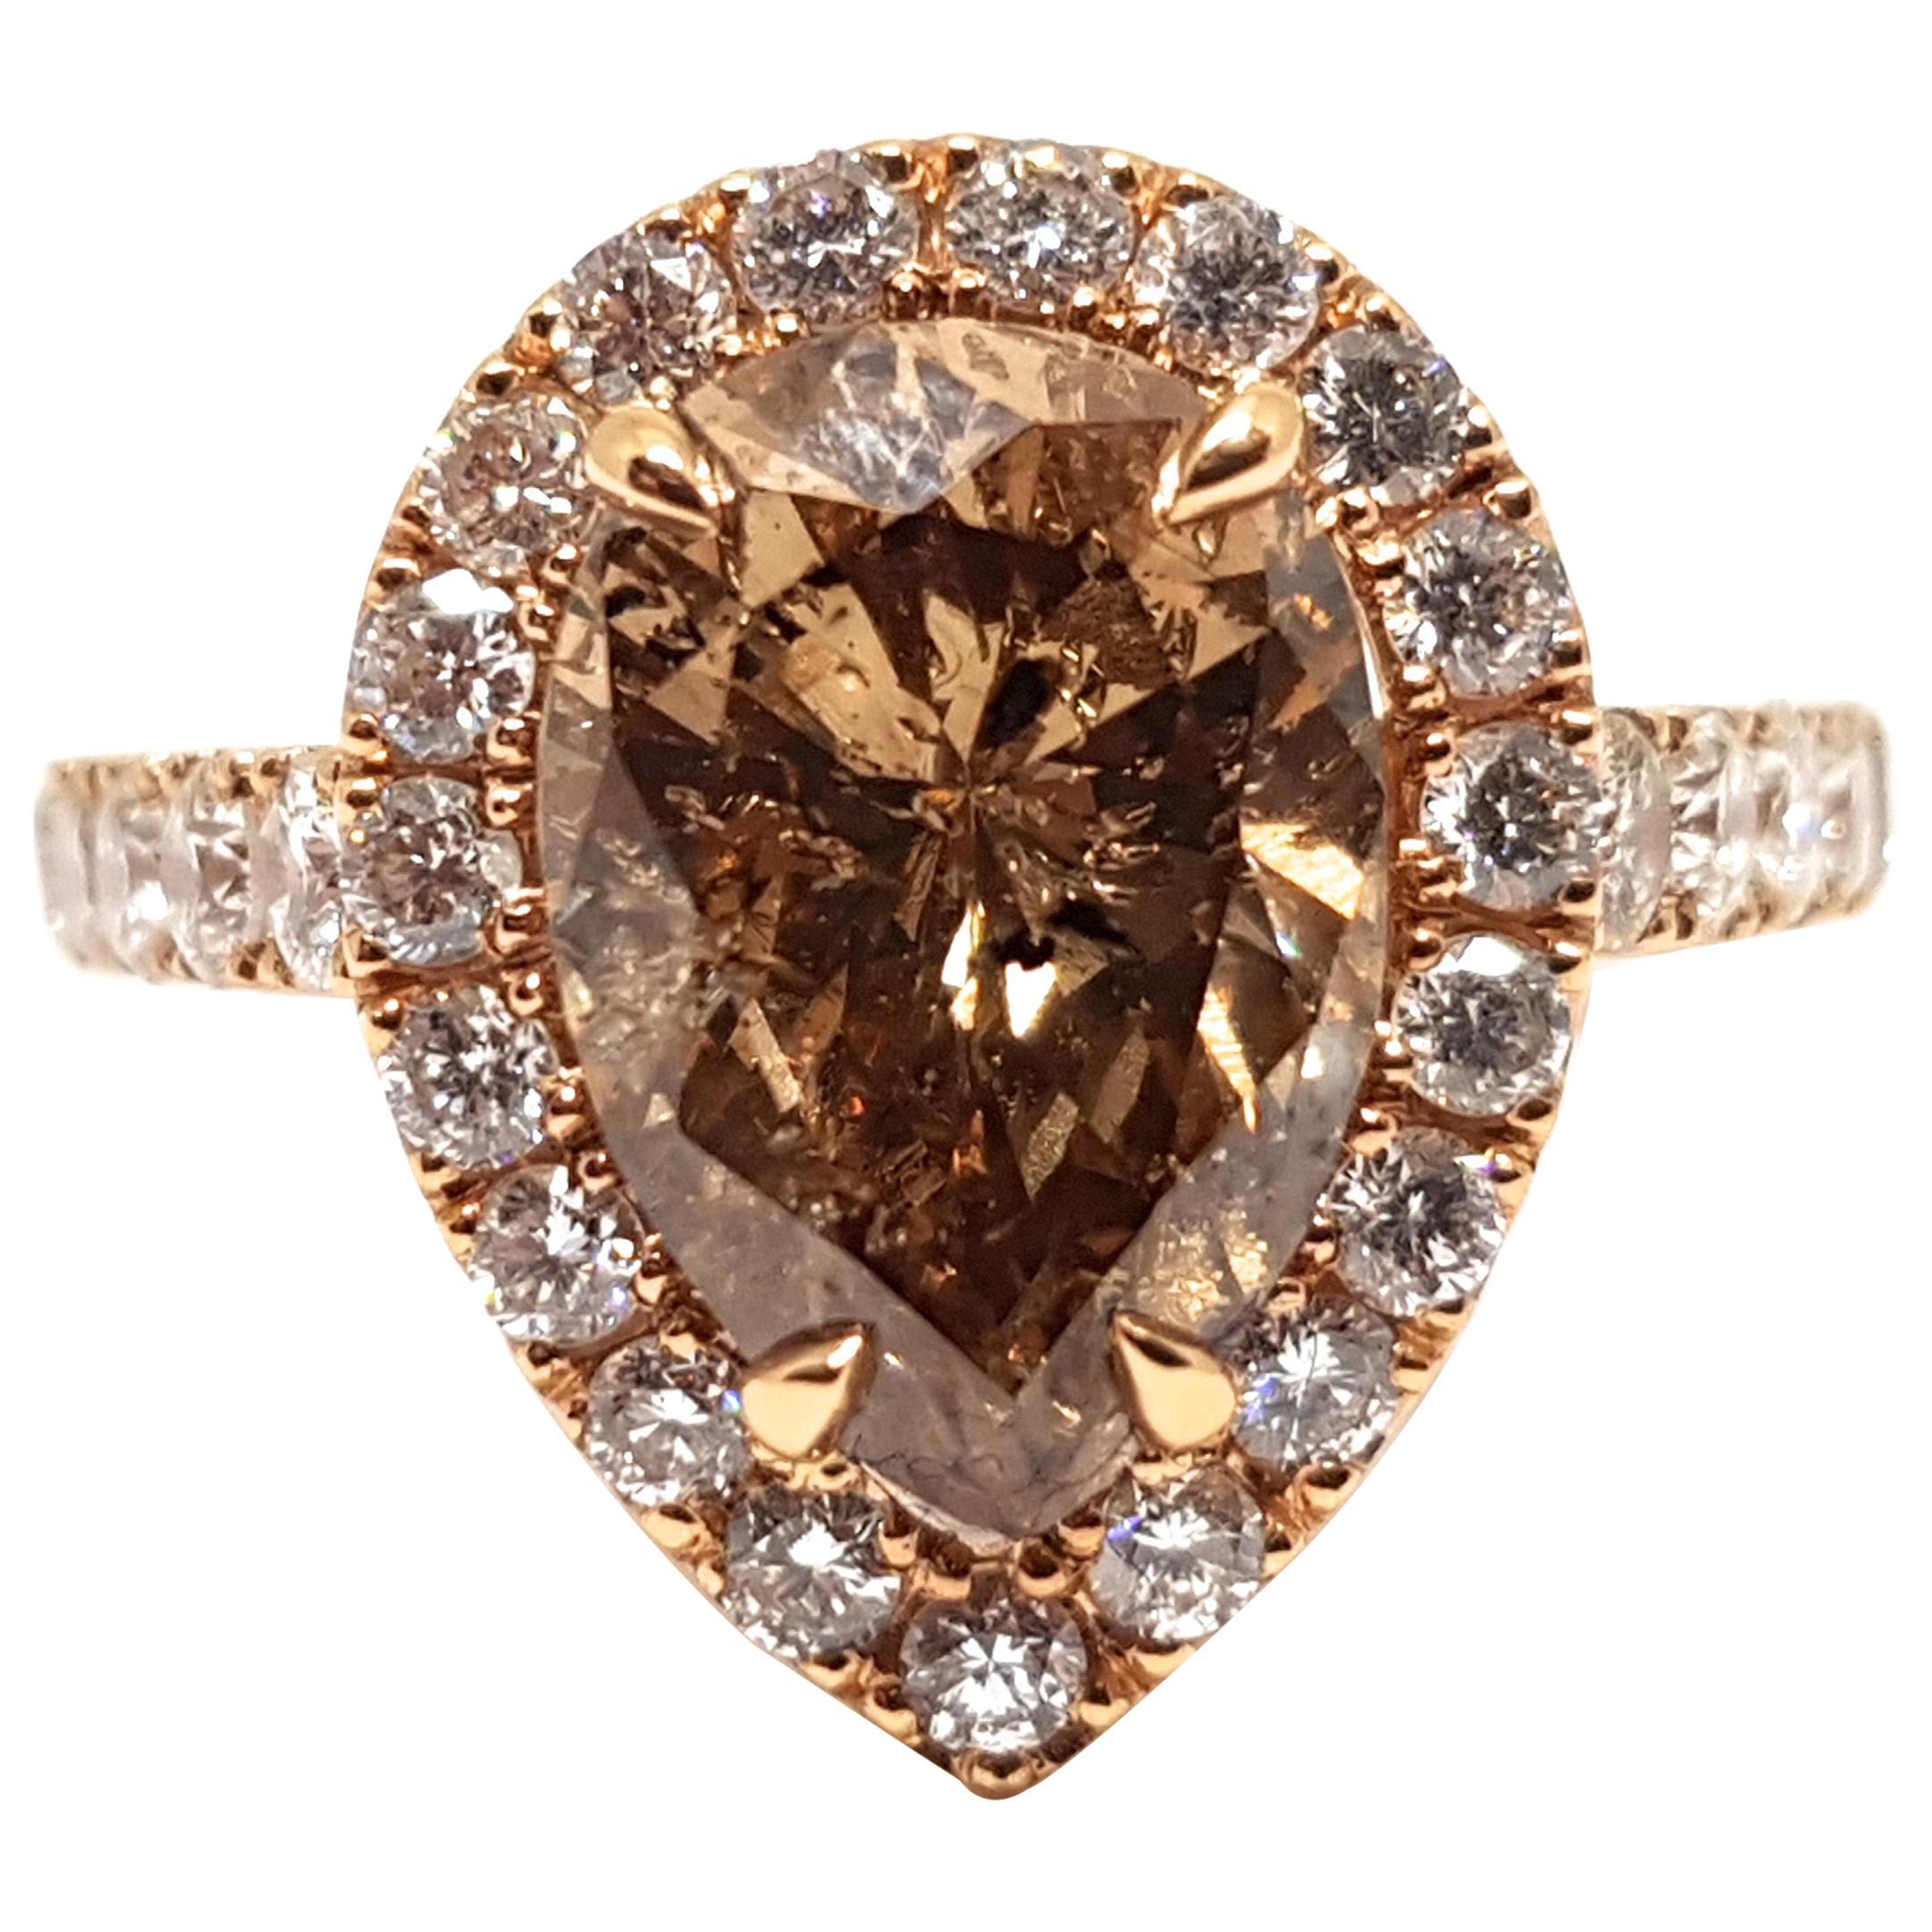 3.76 Carat 18 Karat Pink Rose Gold White Fancy Brown Diamond Engagement Ring